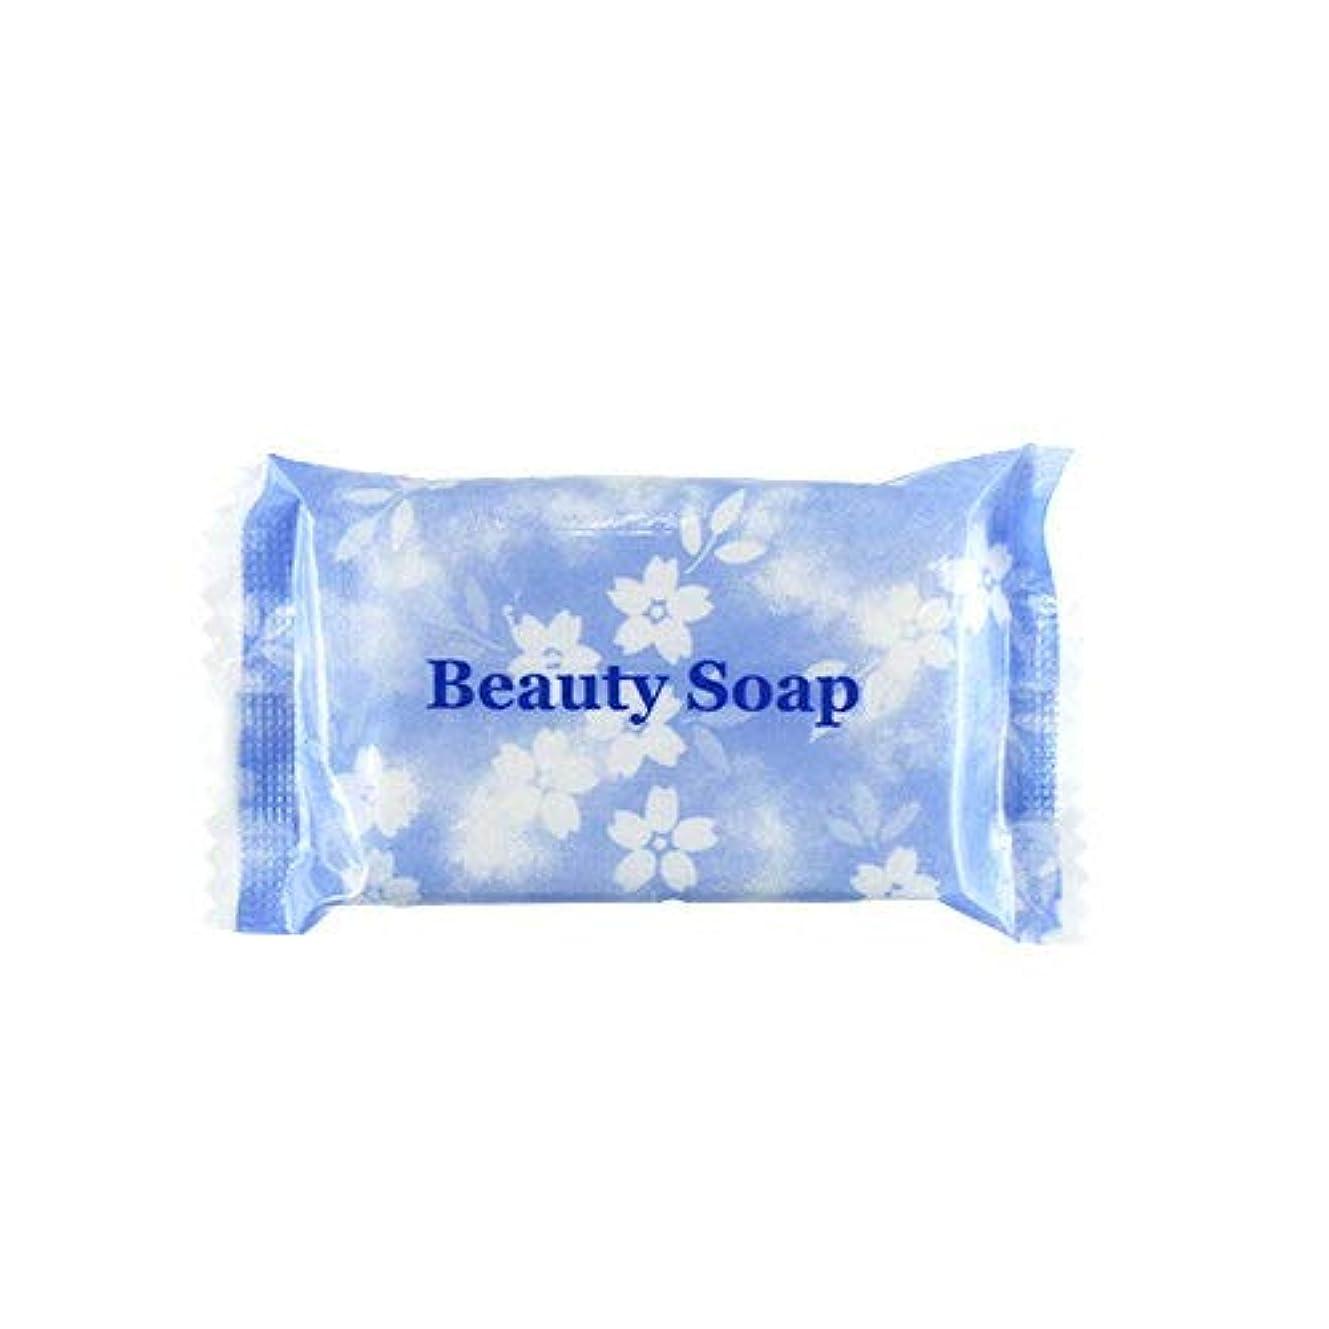 次ロードブロッキングエスニック業務用 クロバーコーポレーション ビューティーソープ(Beauty Soap) 15g×20個セット | ホテルアメニティ 個包装